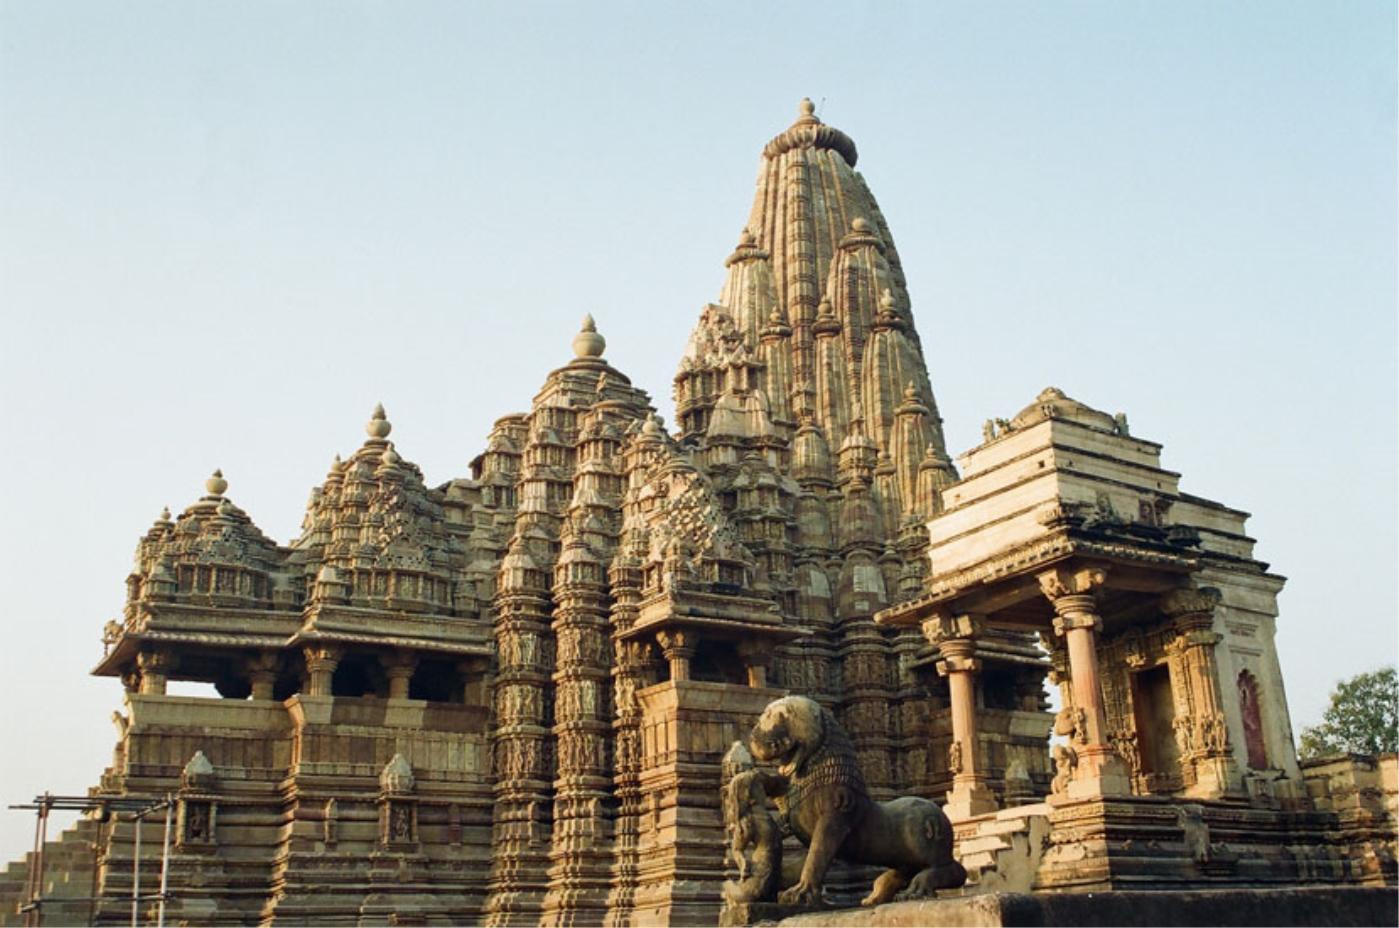 Kandariya Mahadev Temple, Madhya Pradesh